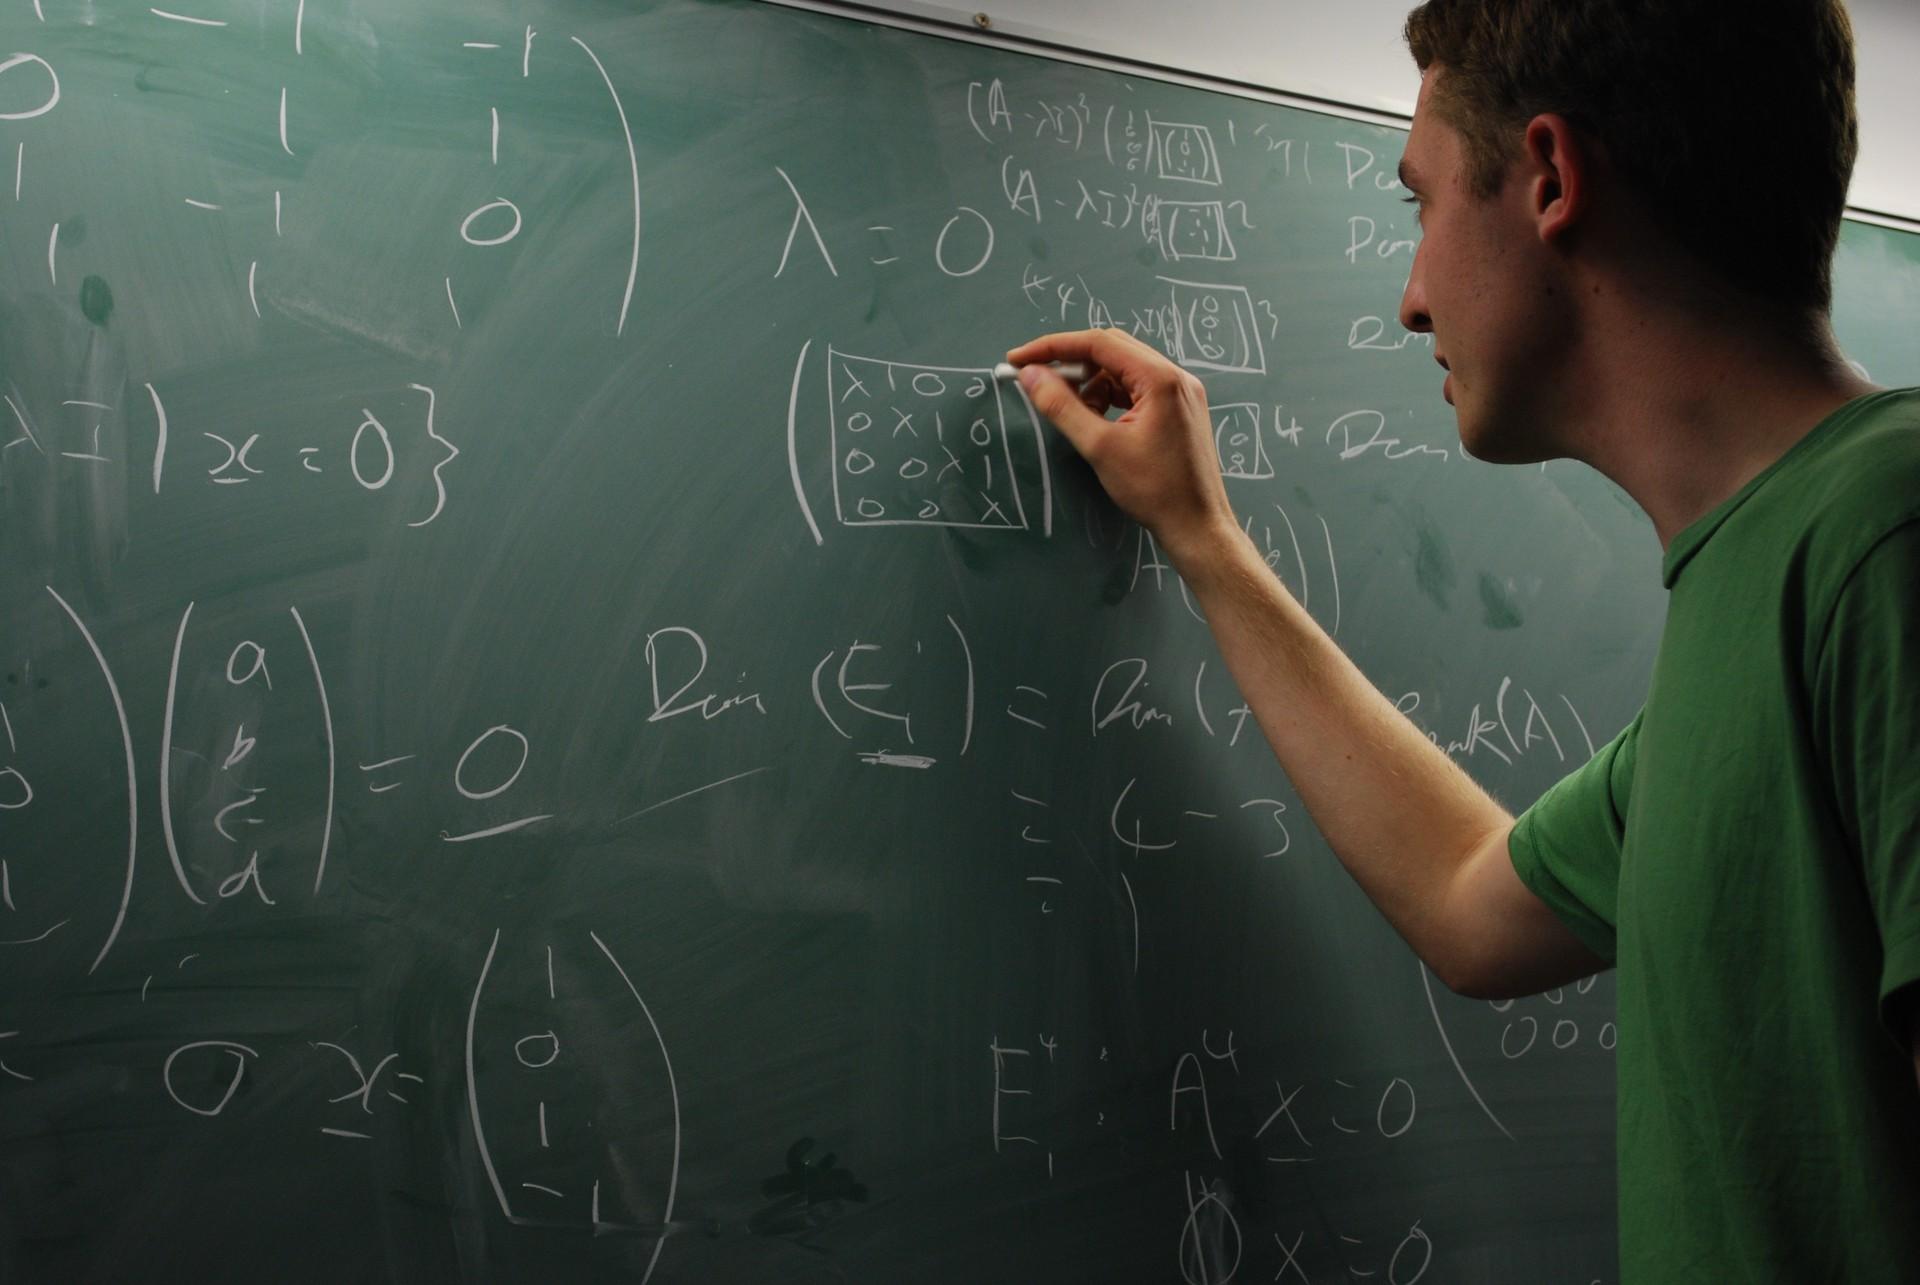 Matemáticos são disputados por bancos e consultorias financeiras (Foto: stuartpilbrow/flickr/creative commons)